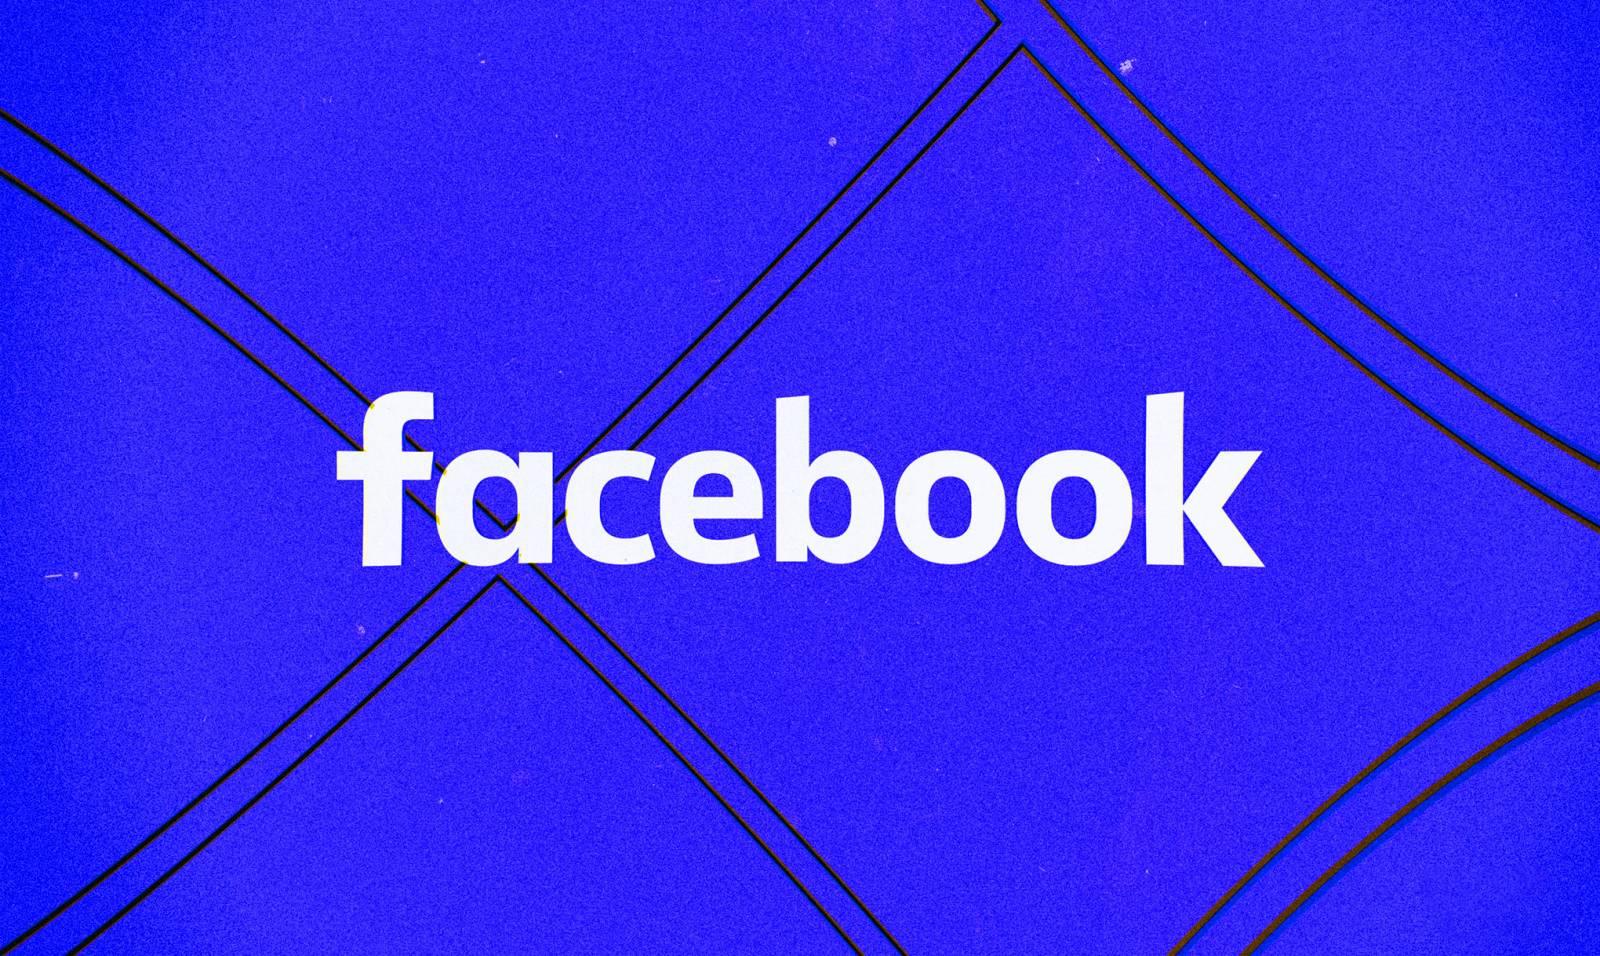 Facebook Scoata Politica News Feed